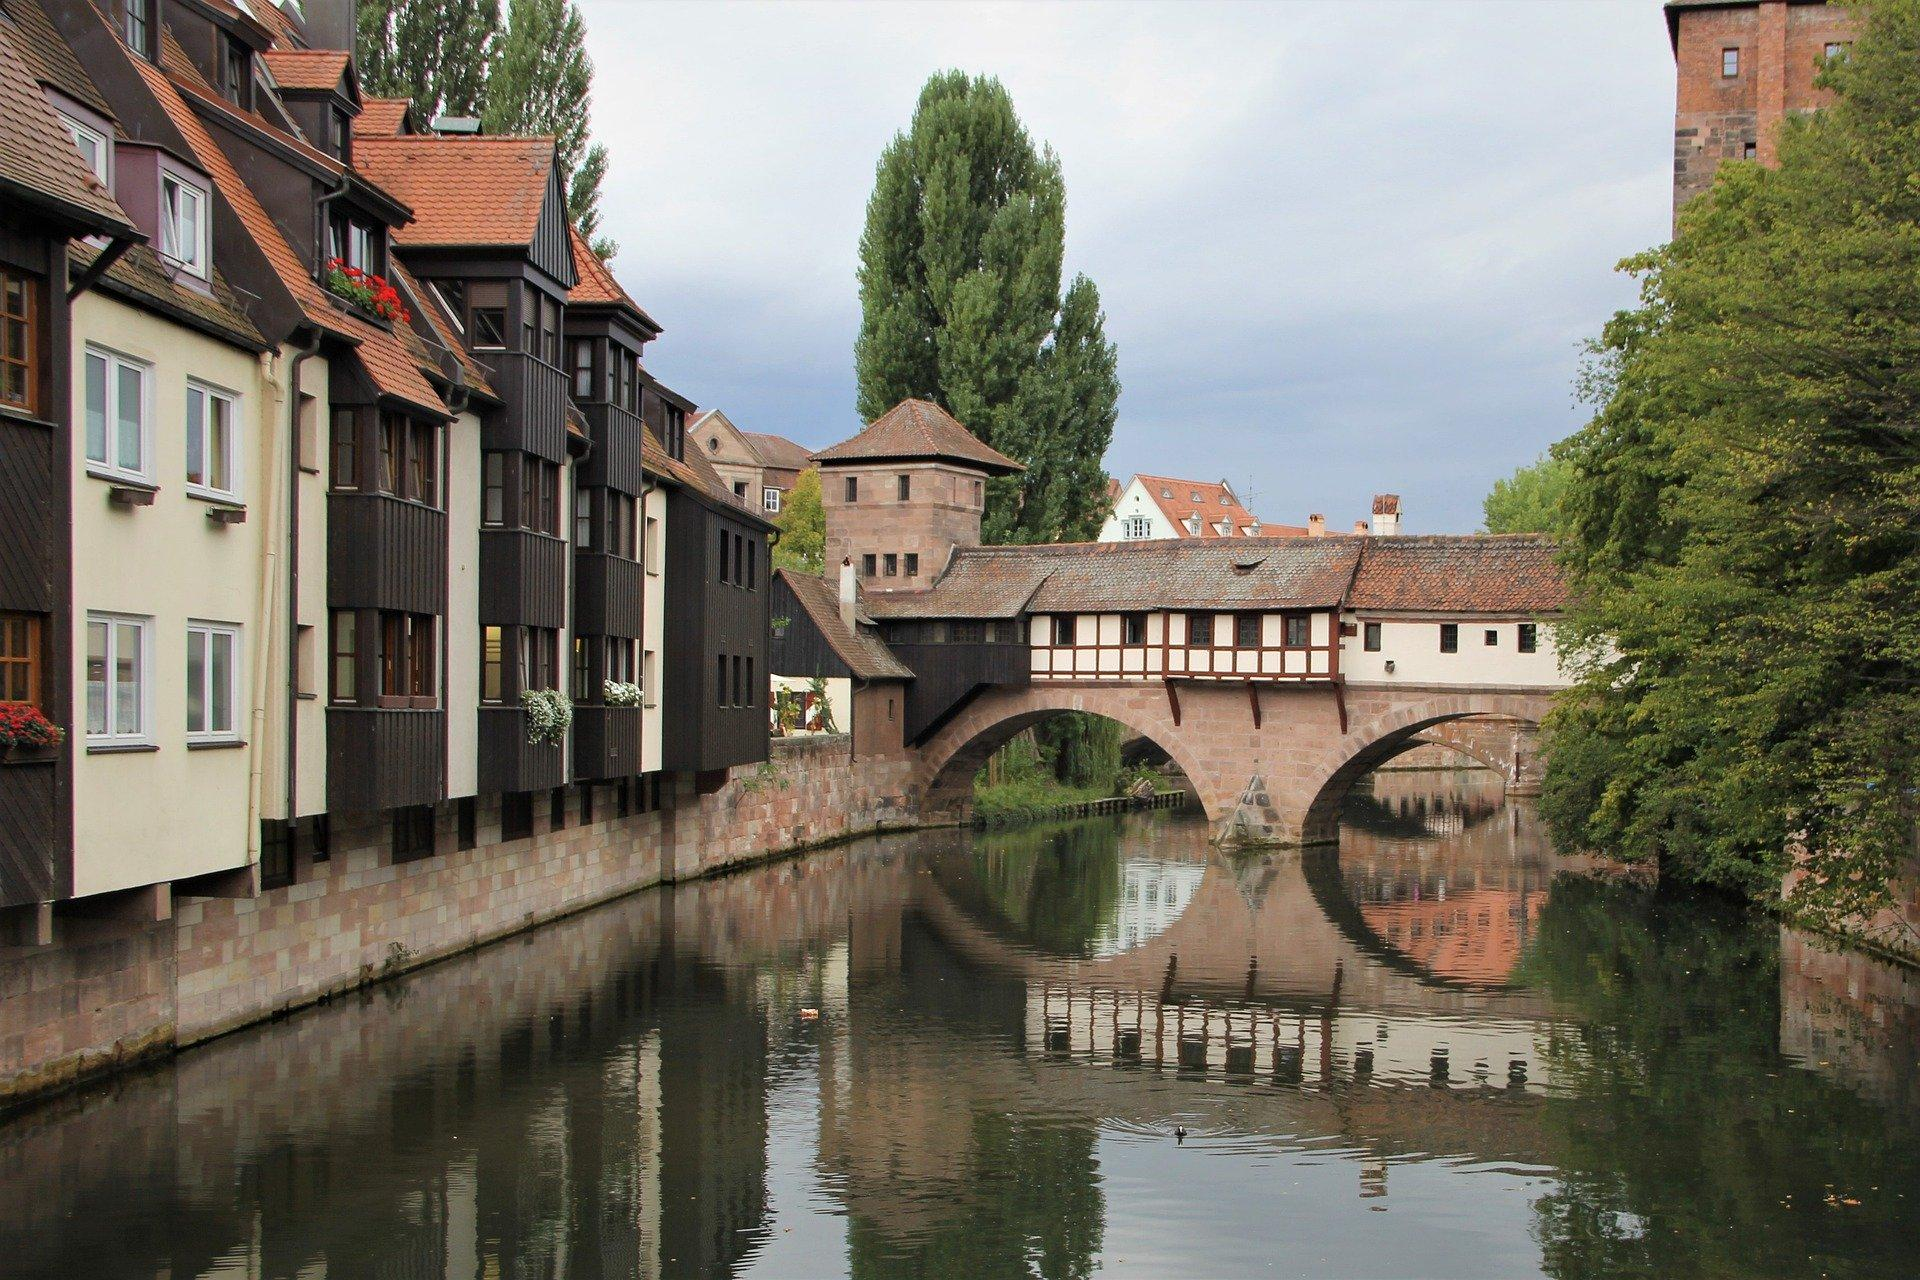 Bild von einer historischen Nürnberger Brücke, die sich im Wasser spiegelt